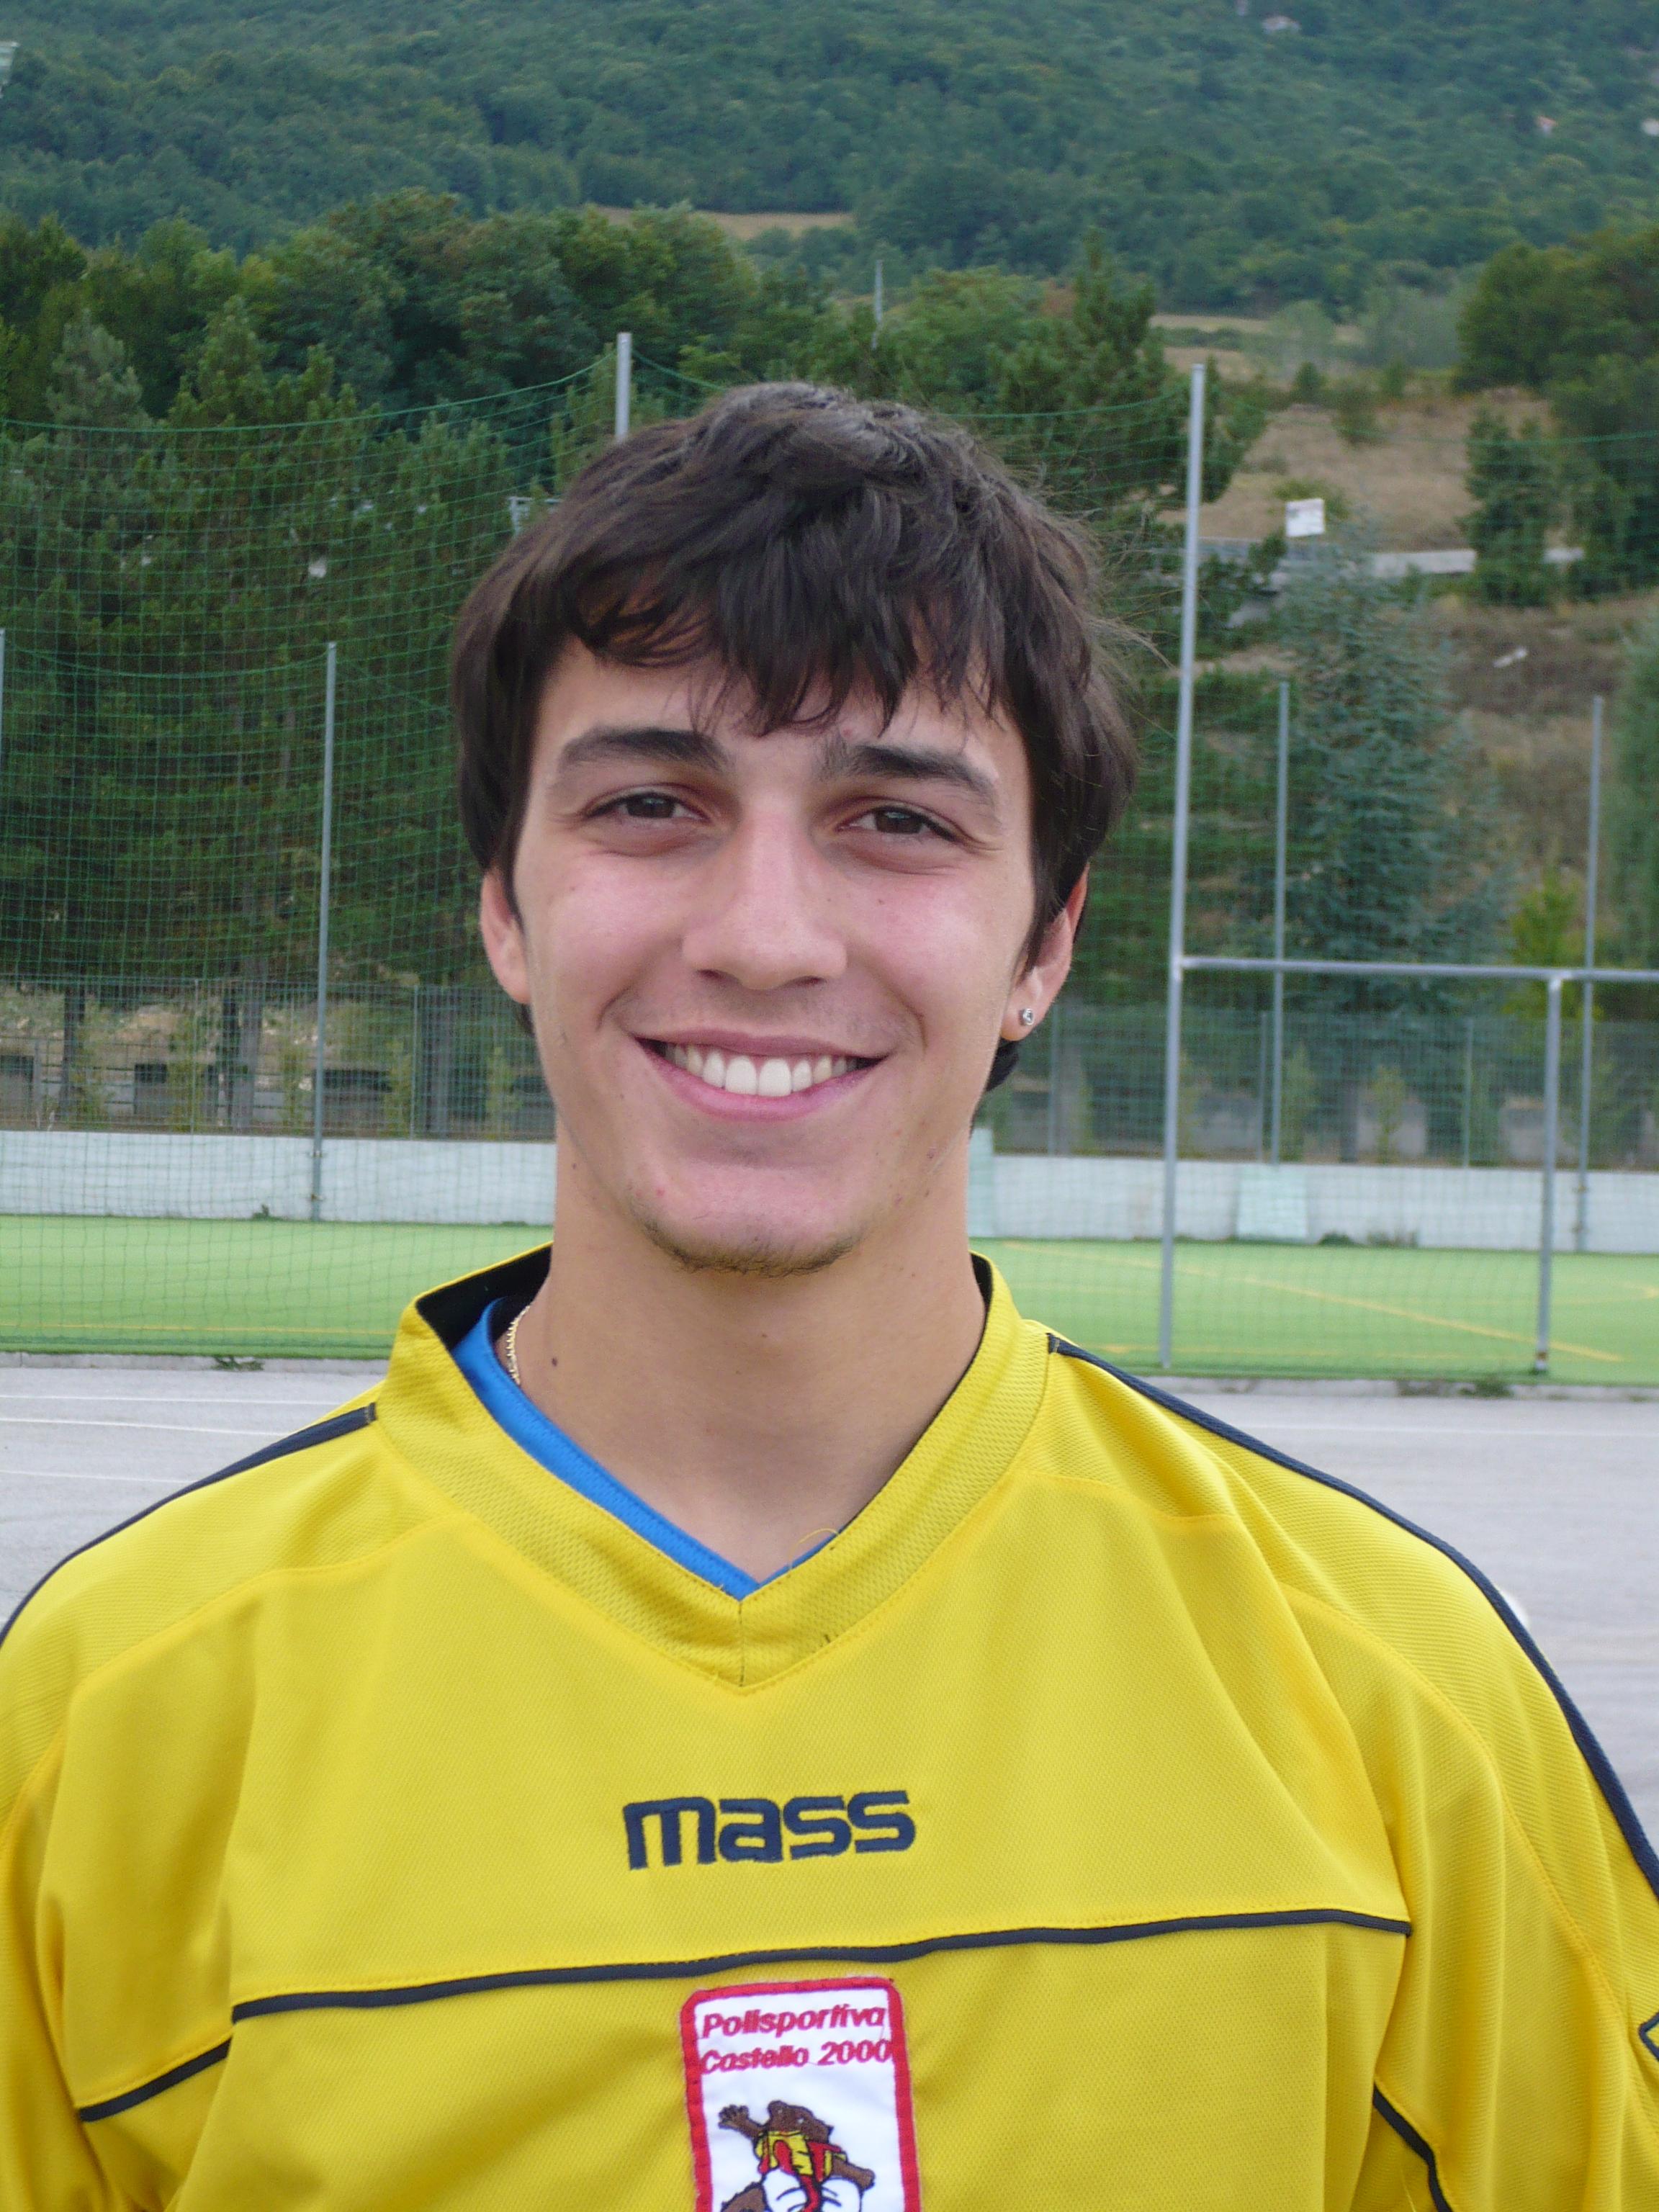 Calcio, Coppa Italia - Il Castello 2000 schiaccia il Fara San Martino e si qualifica al 2° turno